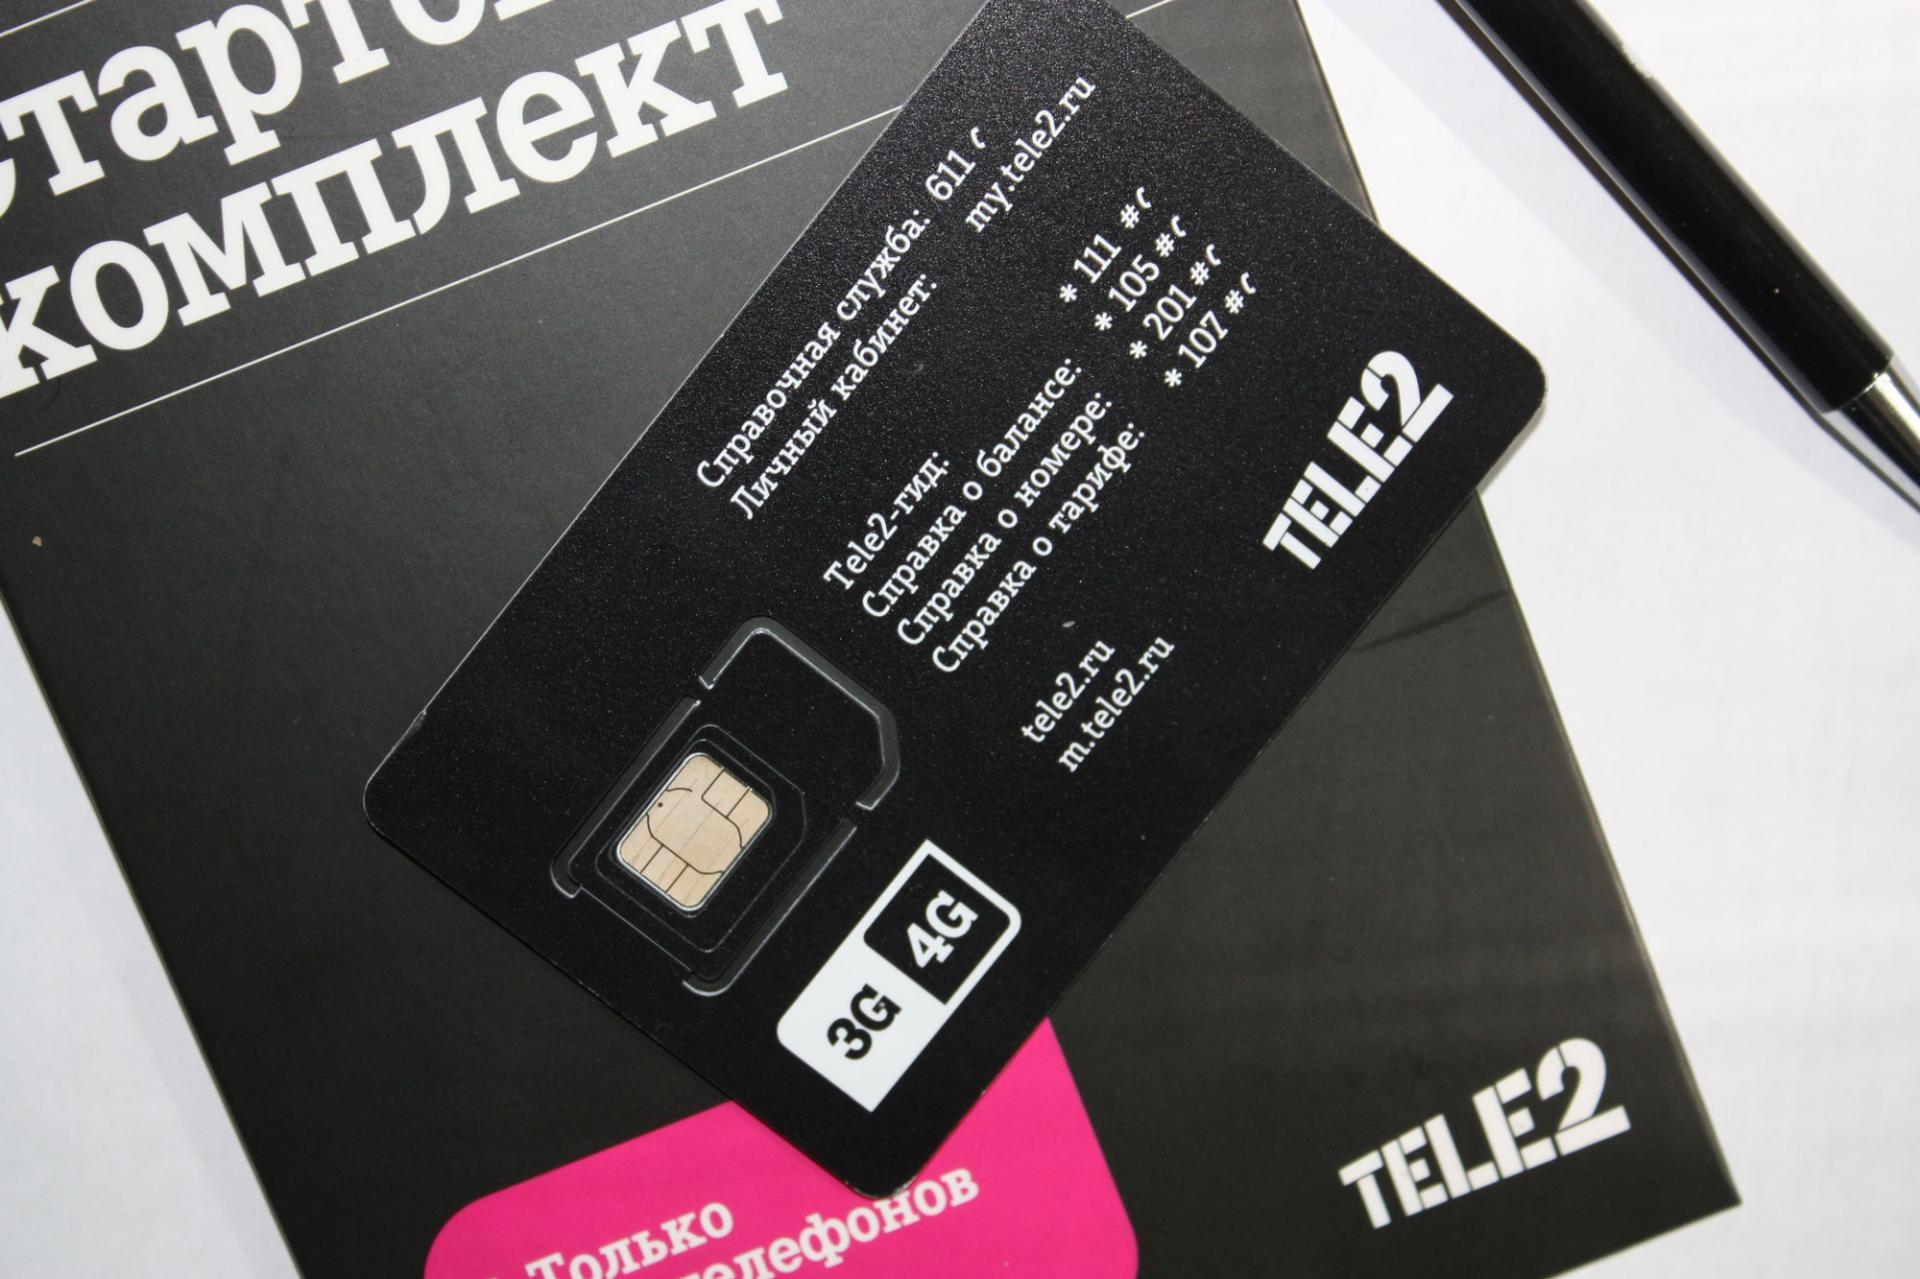 Tele2 сдерживает цены вмеждународном роуминге